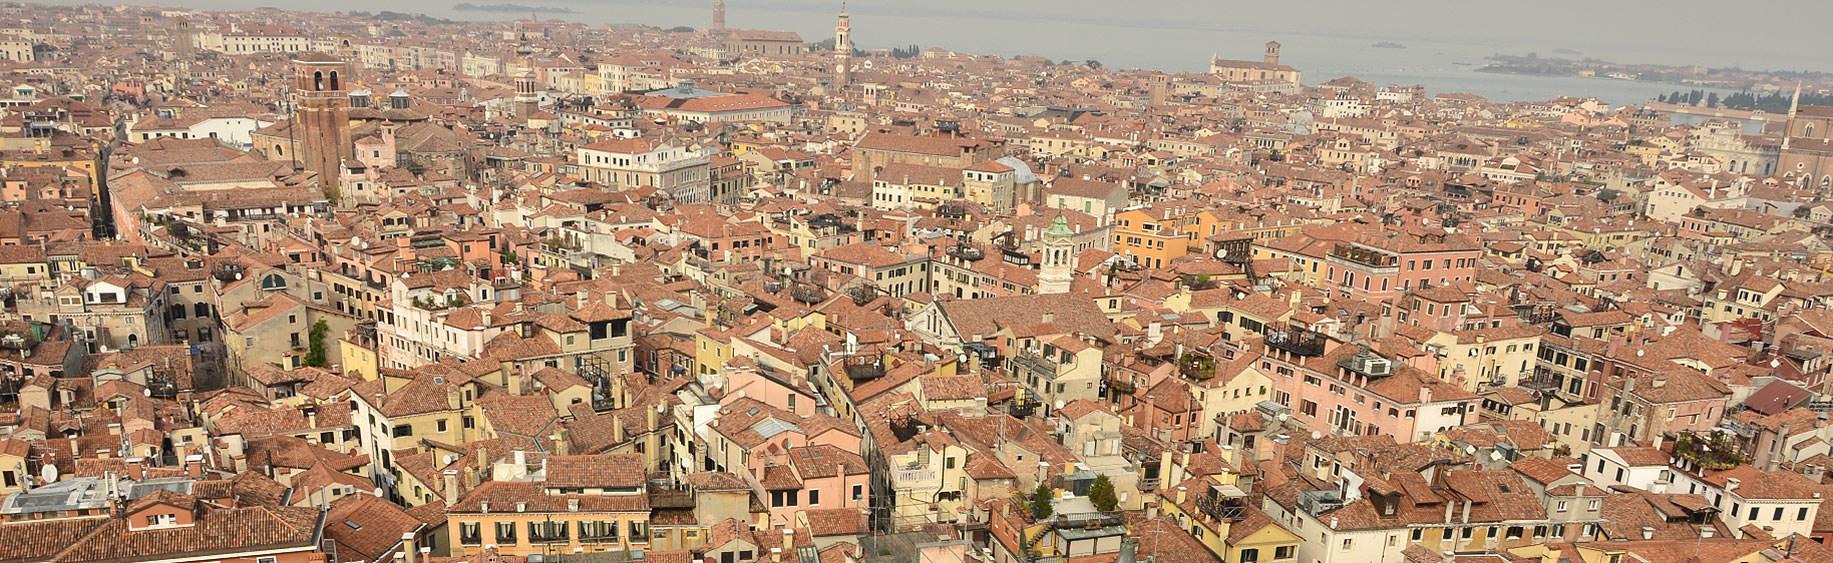 Dächer über der Stadt